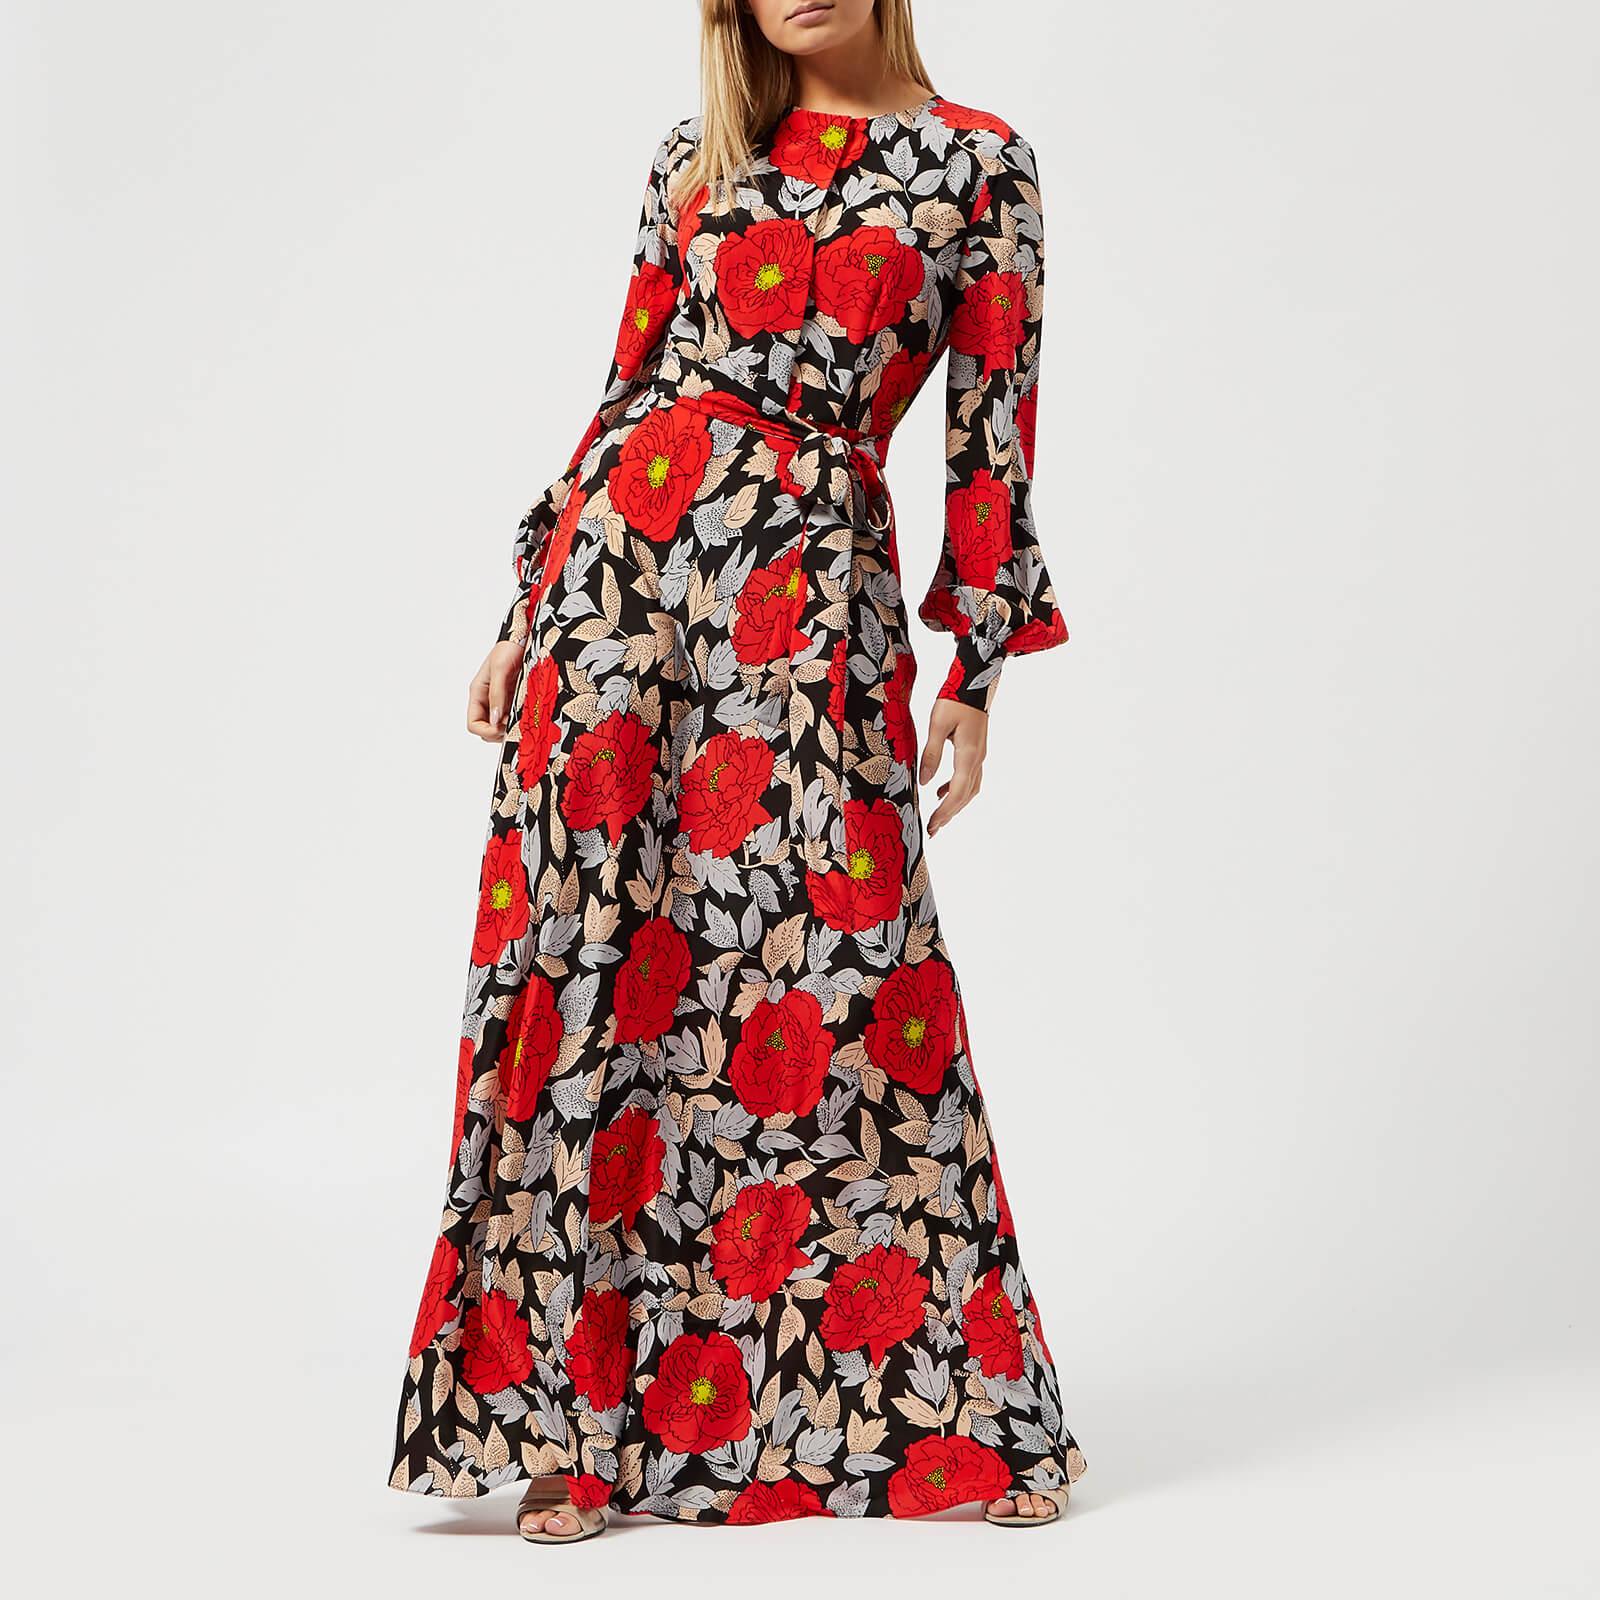 3bf21388164 Diane von Furstenberg Women s Waist Tie Maxi Dress - Boswell Black - Free  UK Delivery over £50